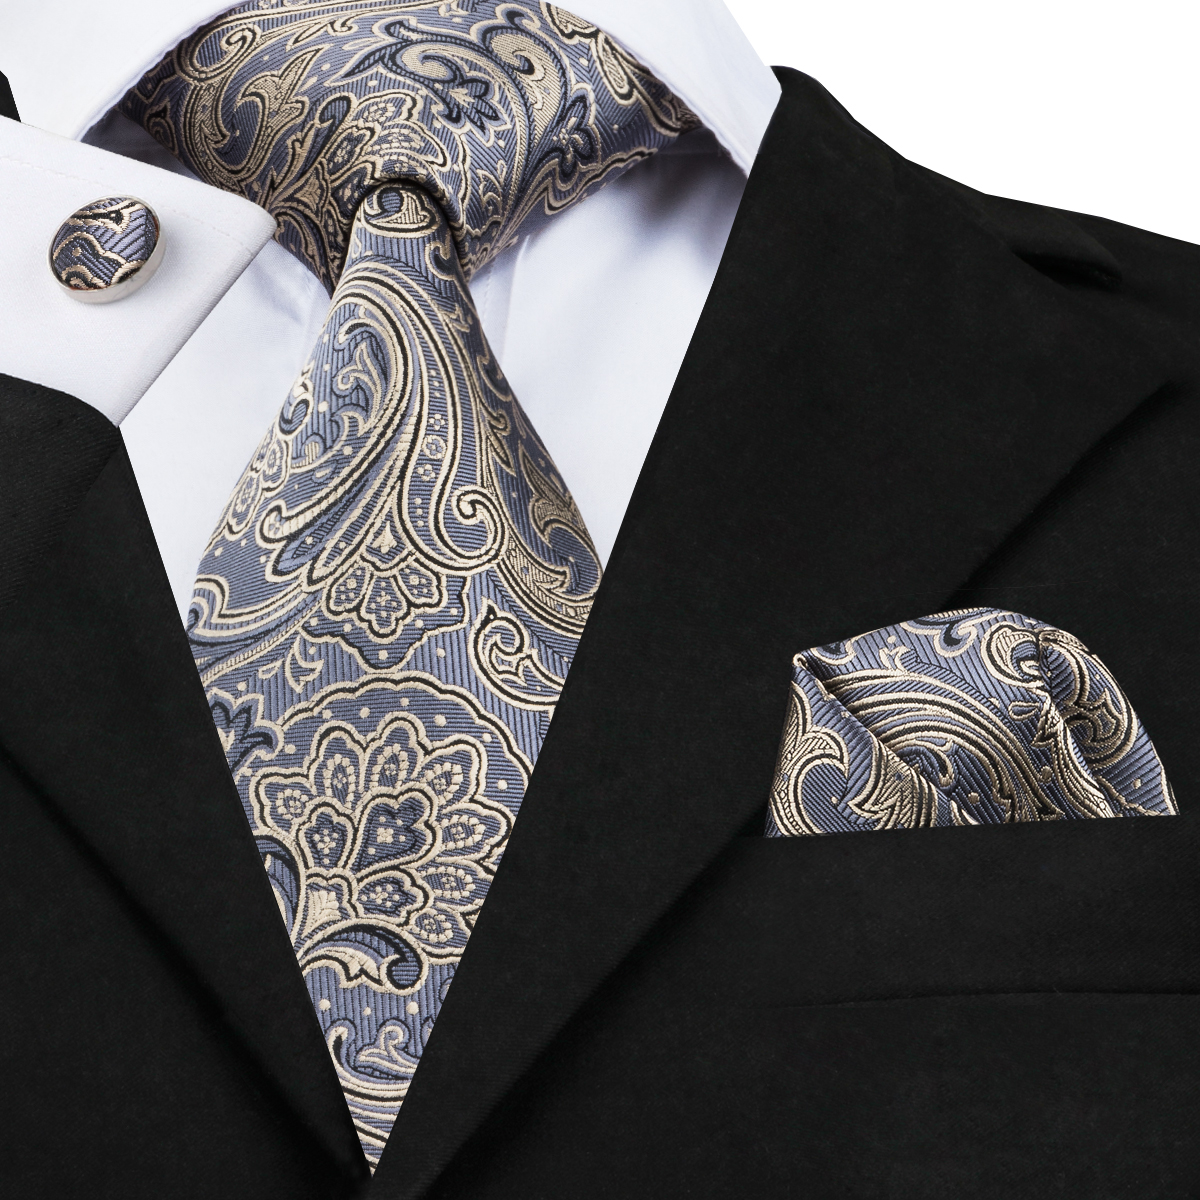 C-1653 Hallo-Binden Corbatas Hombre 2017 Reife Paisley Krawatten für Männer Einstecktuch Taschentuch Krawatte Einstecktuch Manschettenknöpfe 8,5 cm